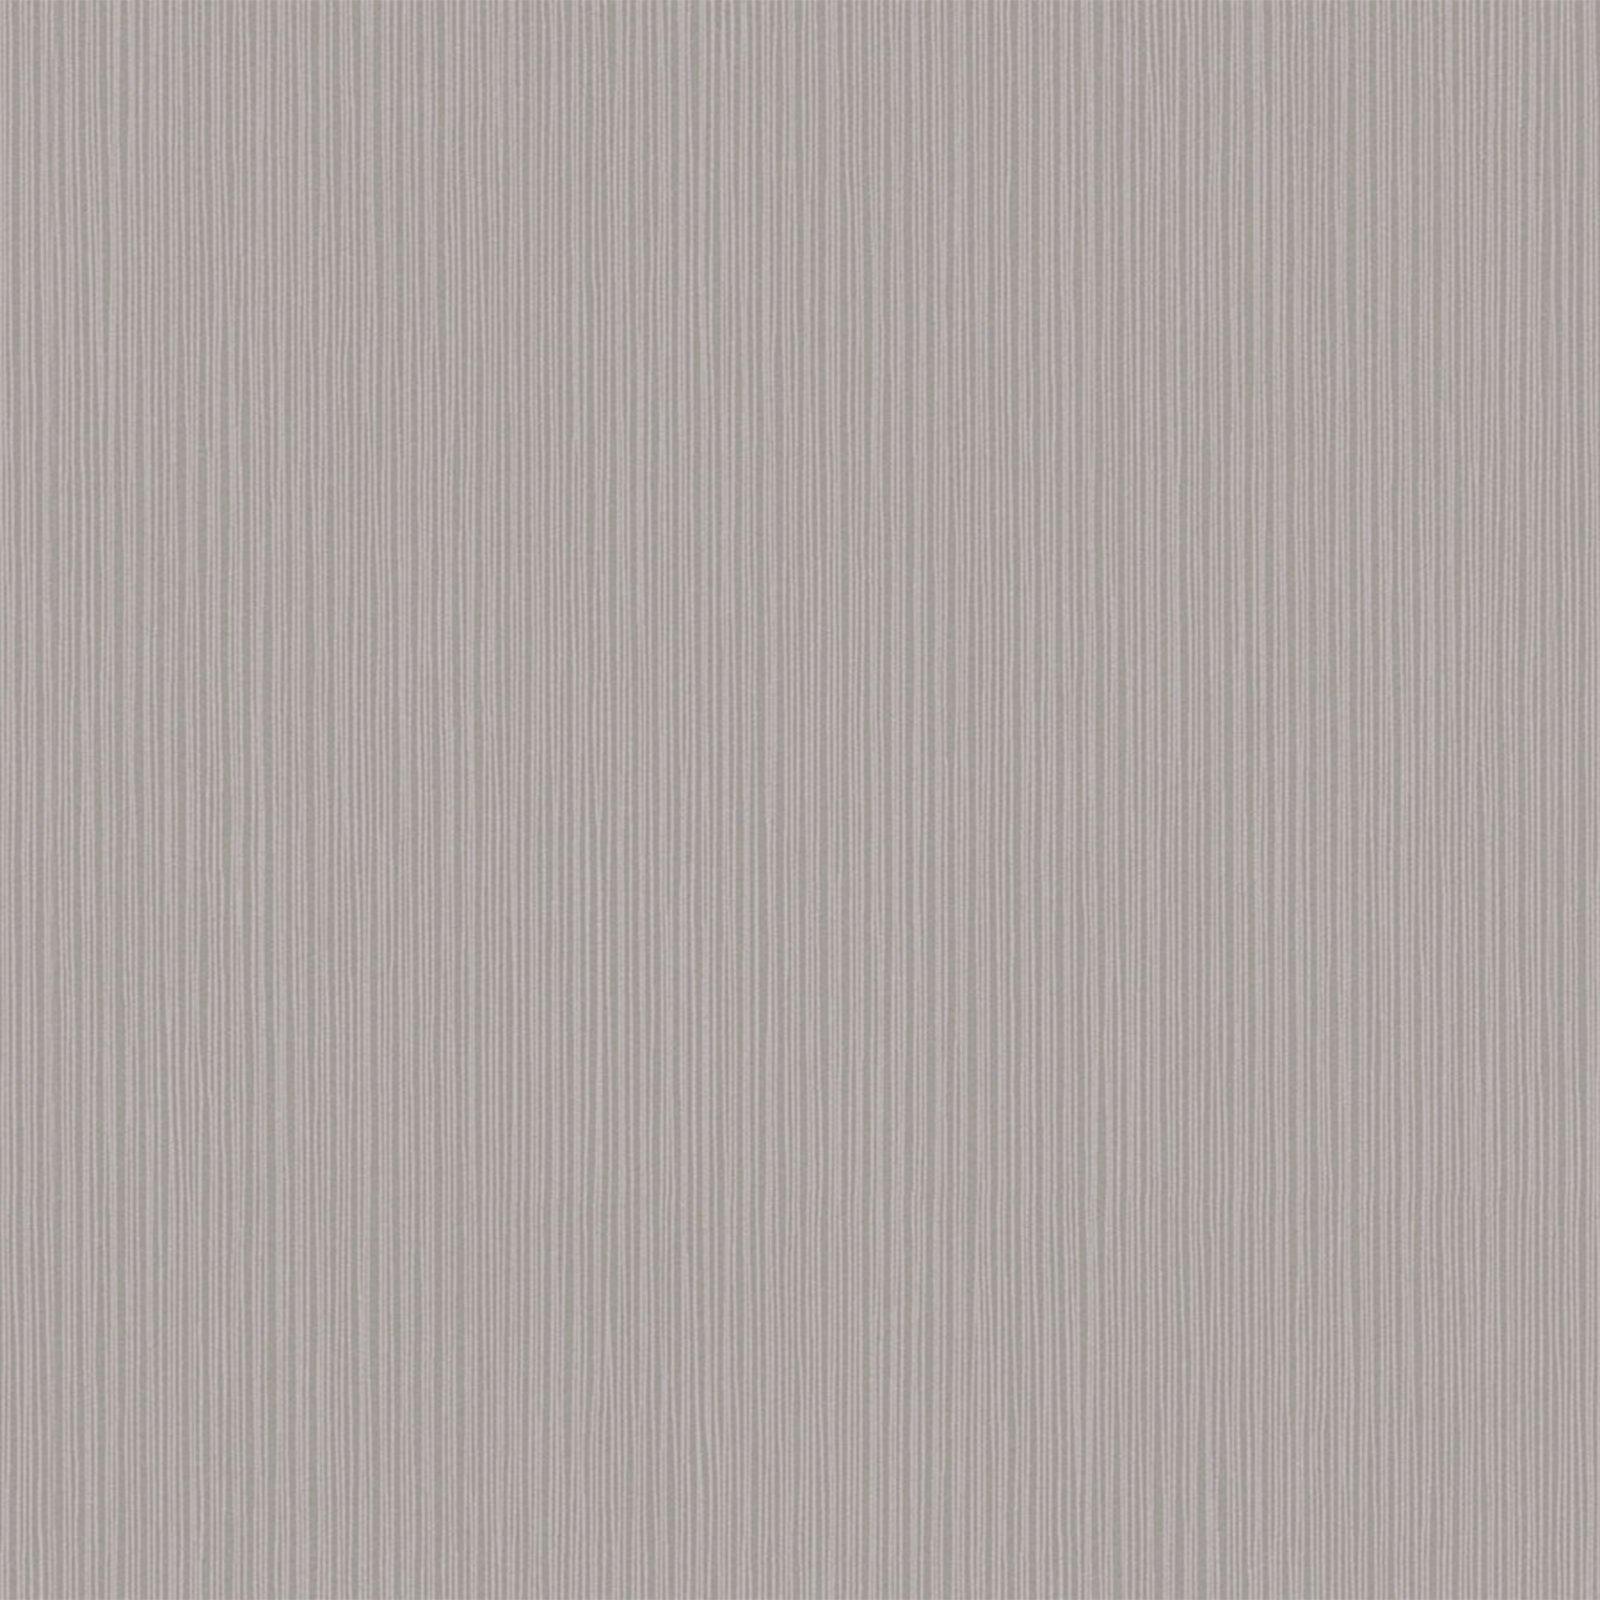 Vliestapete HAPPY SPRING - grau - 10 Meter